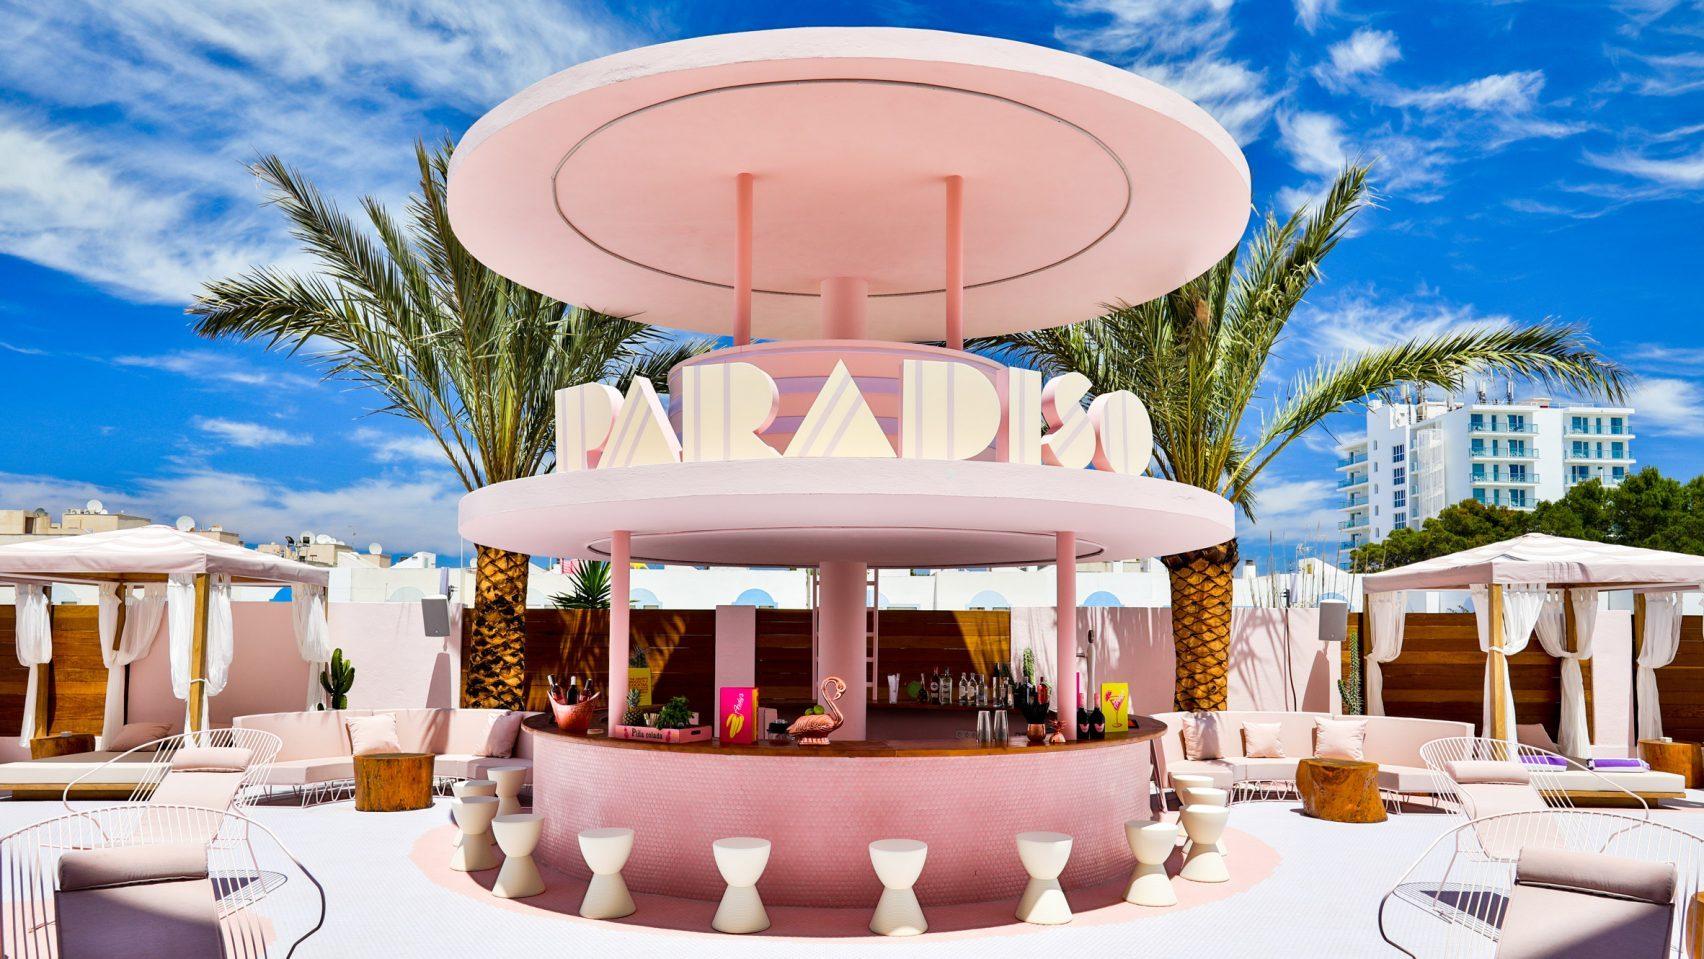 paradiso-ilmiodesign-designalive-18